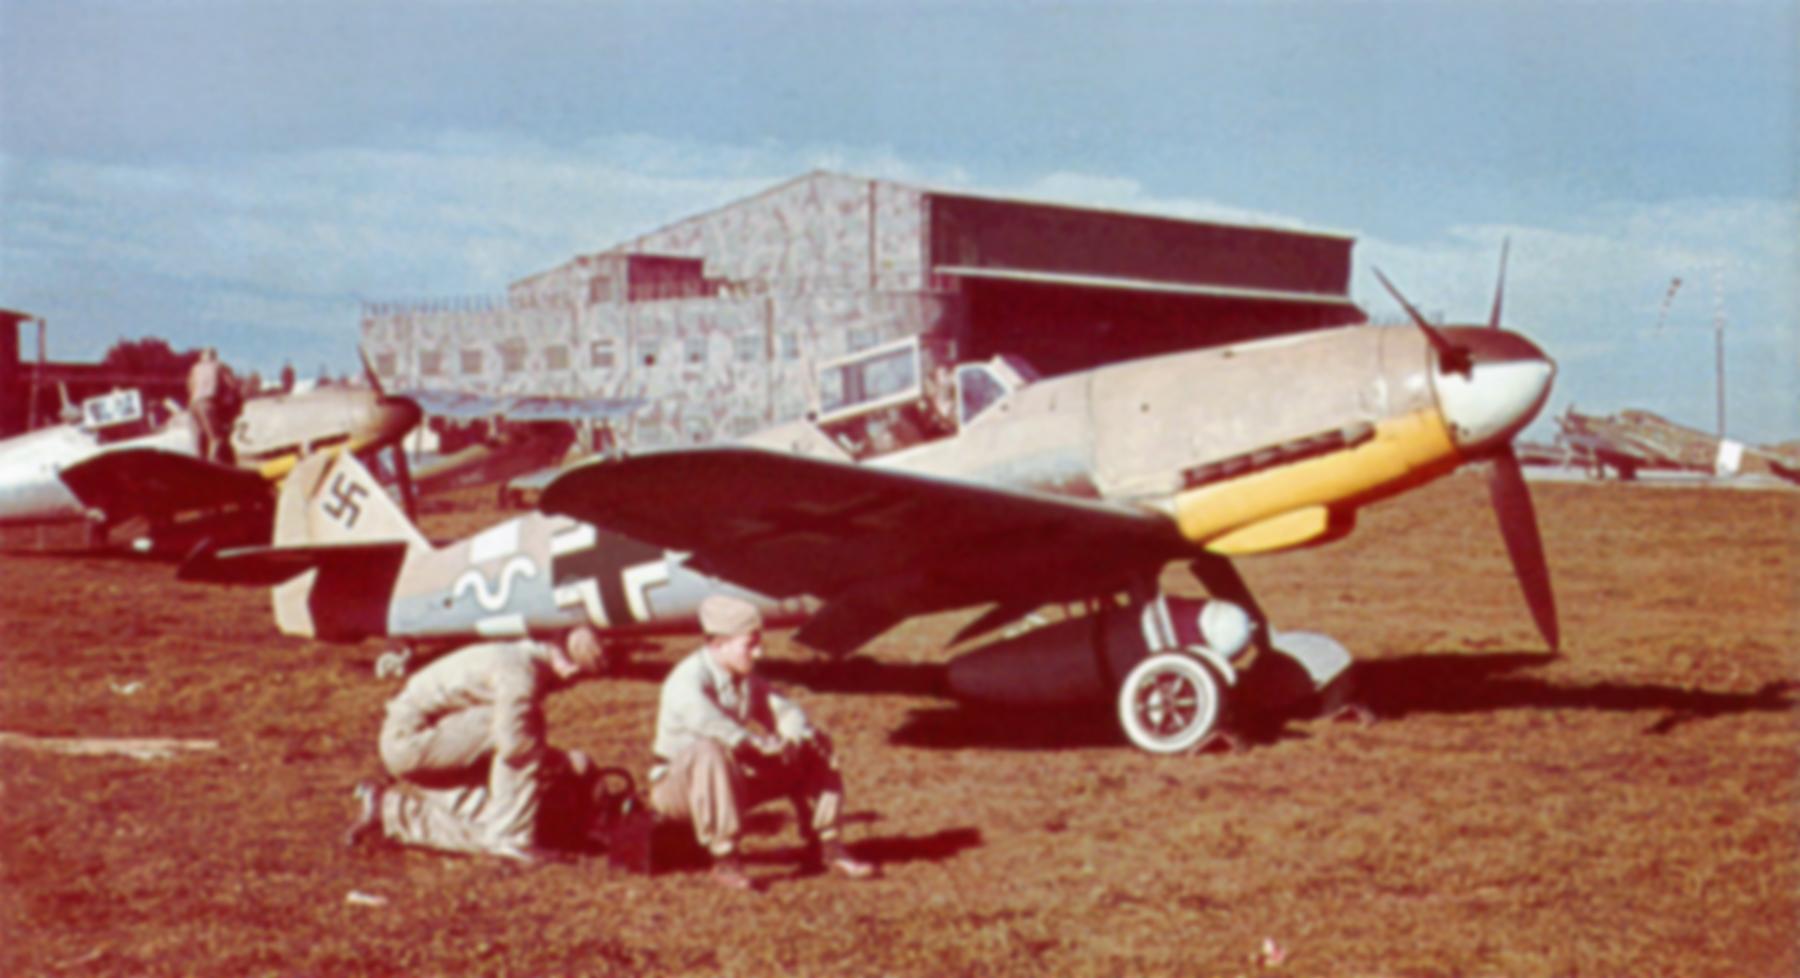 Messerschmitt Bf 109F4Trop 8.JG27 North Africa Feb 1942 01